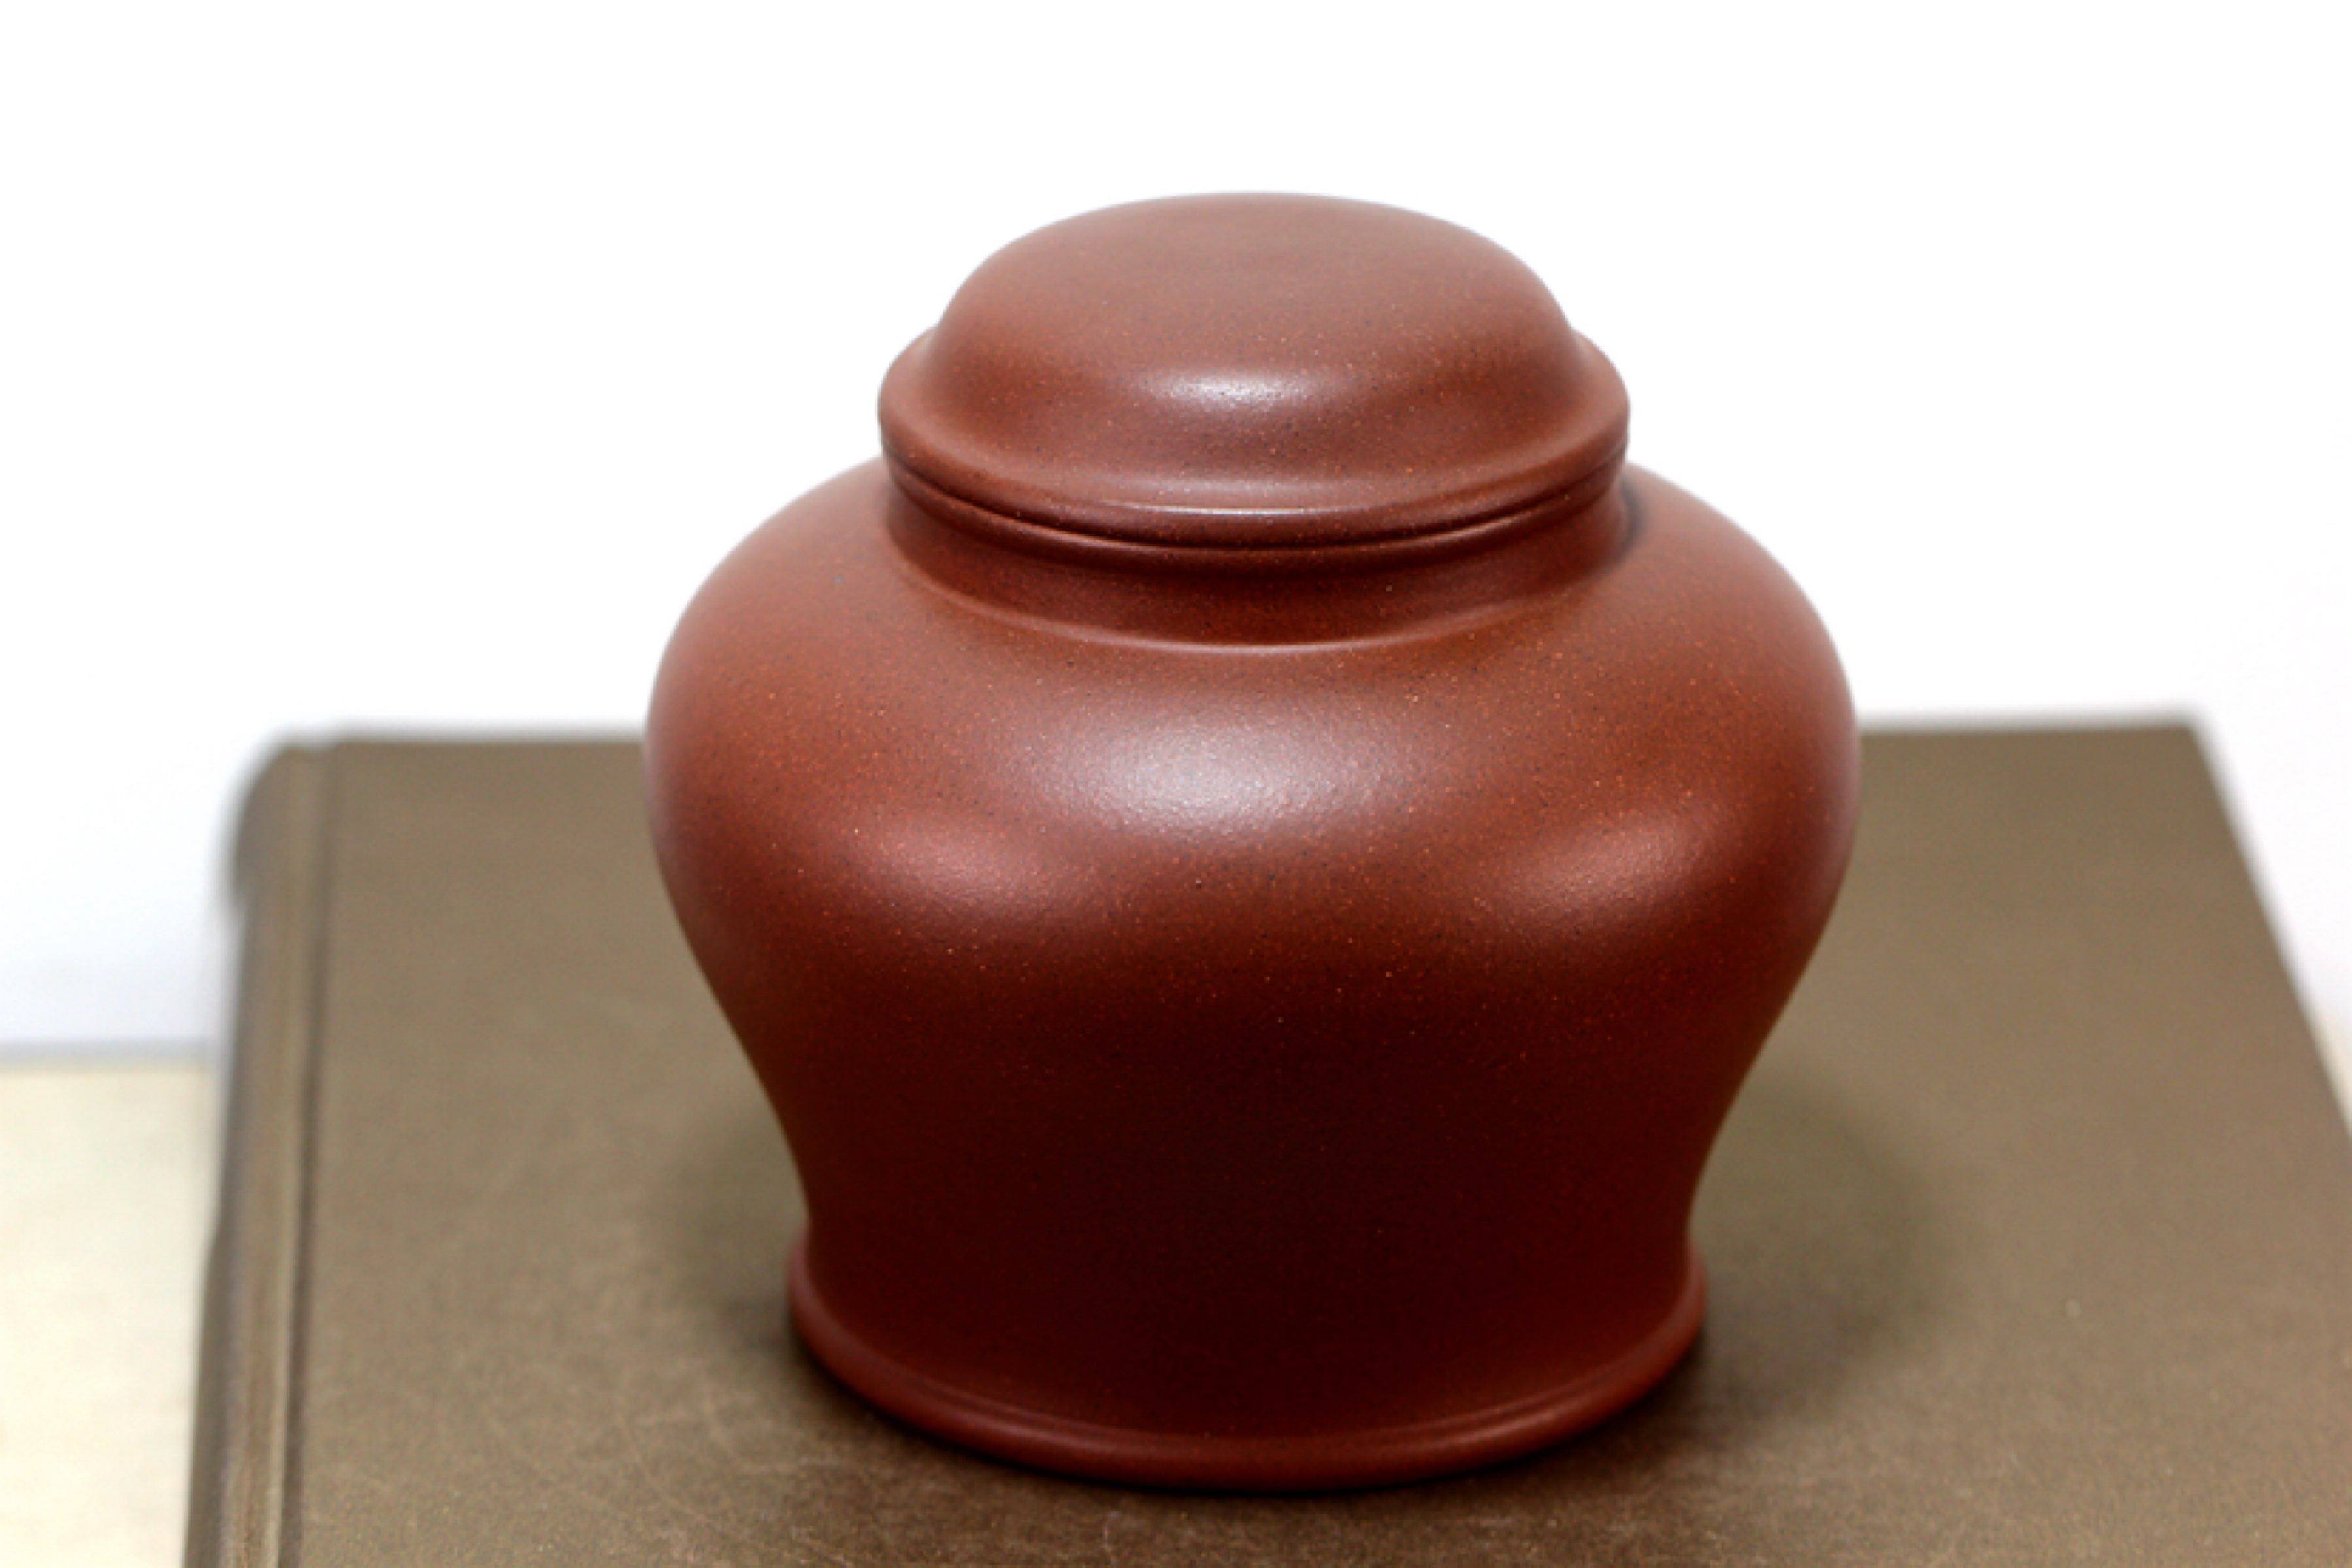 紫砂醒茶罐与存茶罐